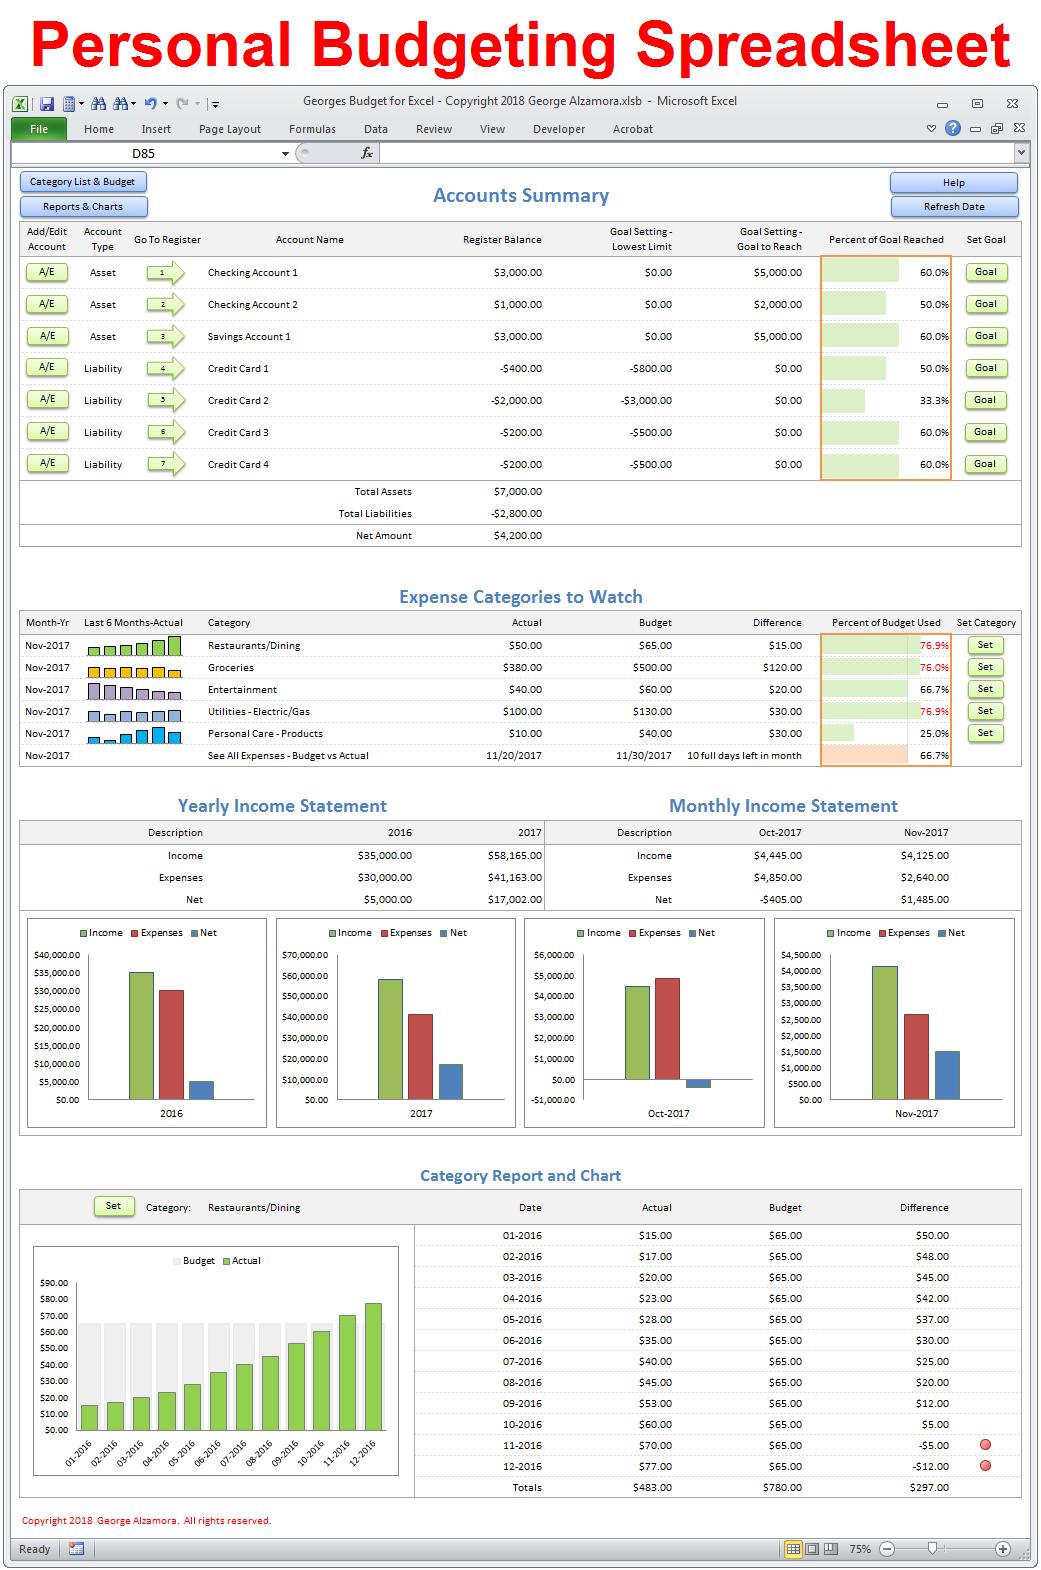 Georges Budget For Excel V12 0